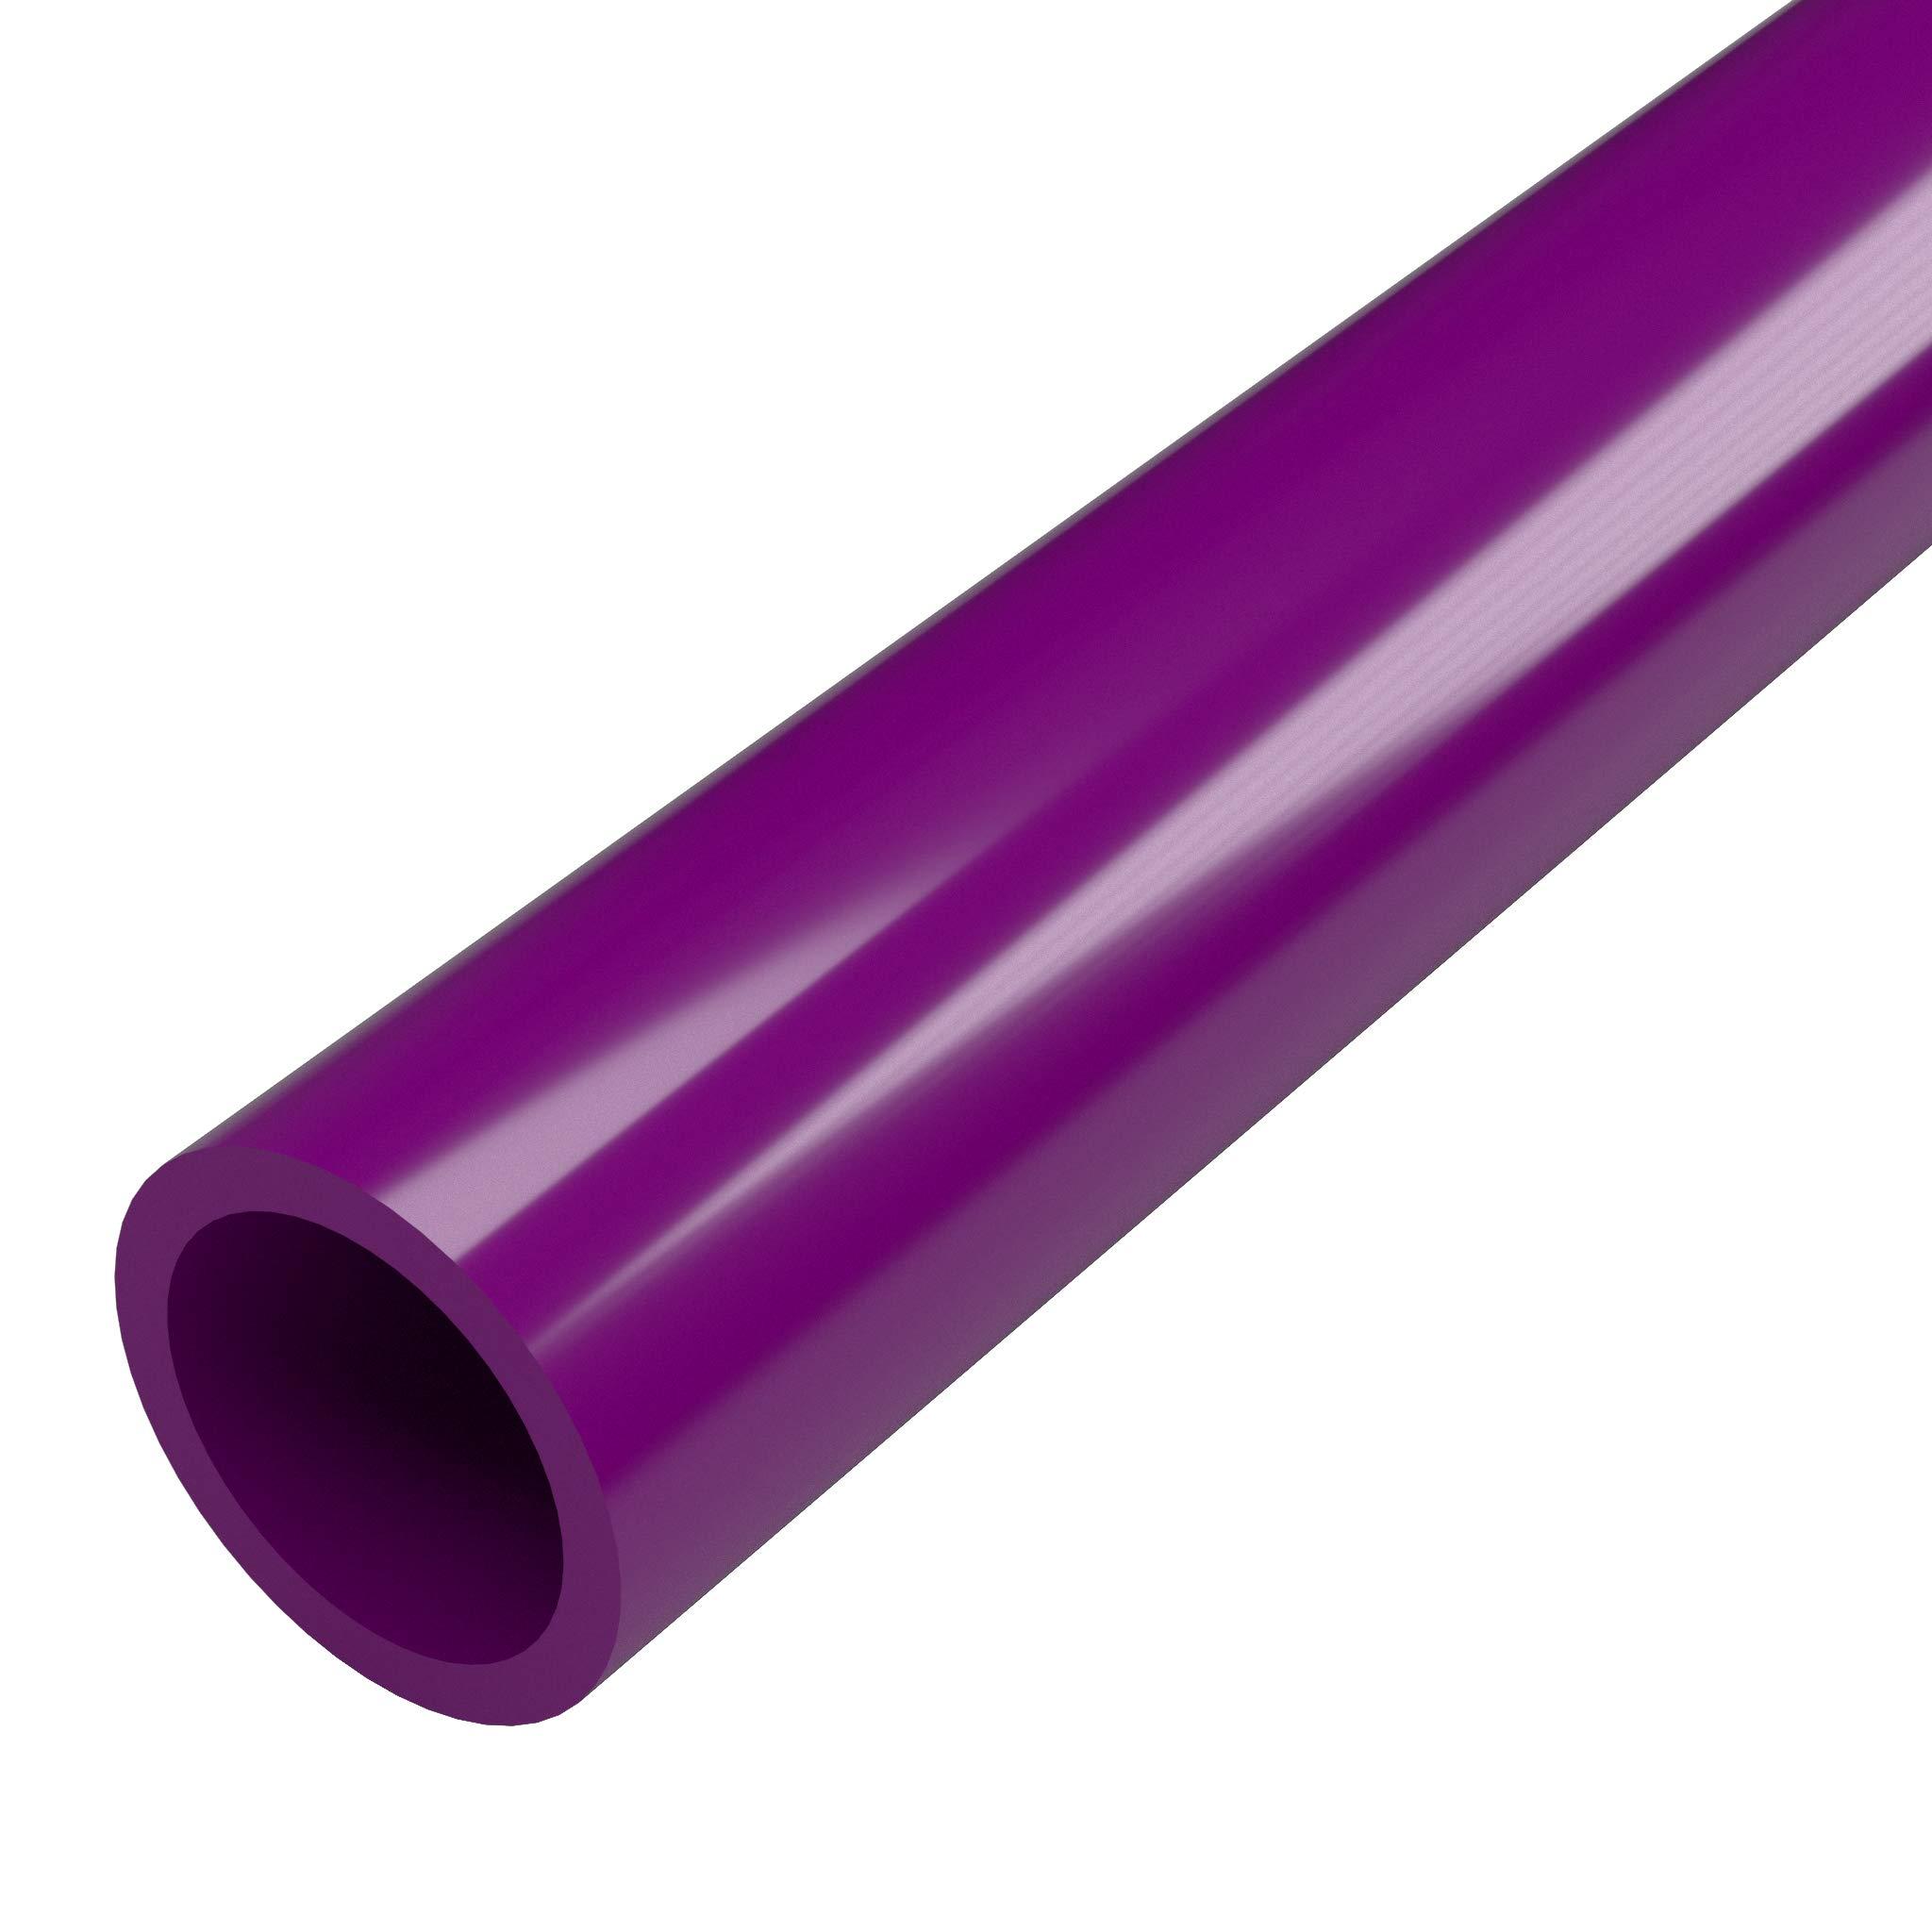 FORMUFIT P001FGP-PU-5 Schedule 40 PVC Pipe, Furniture Grade, 5', 1'' Size, Purple by FORMUFIT